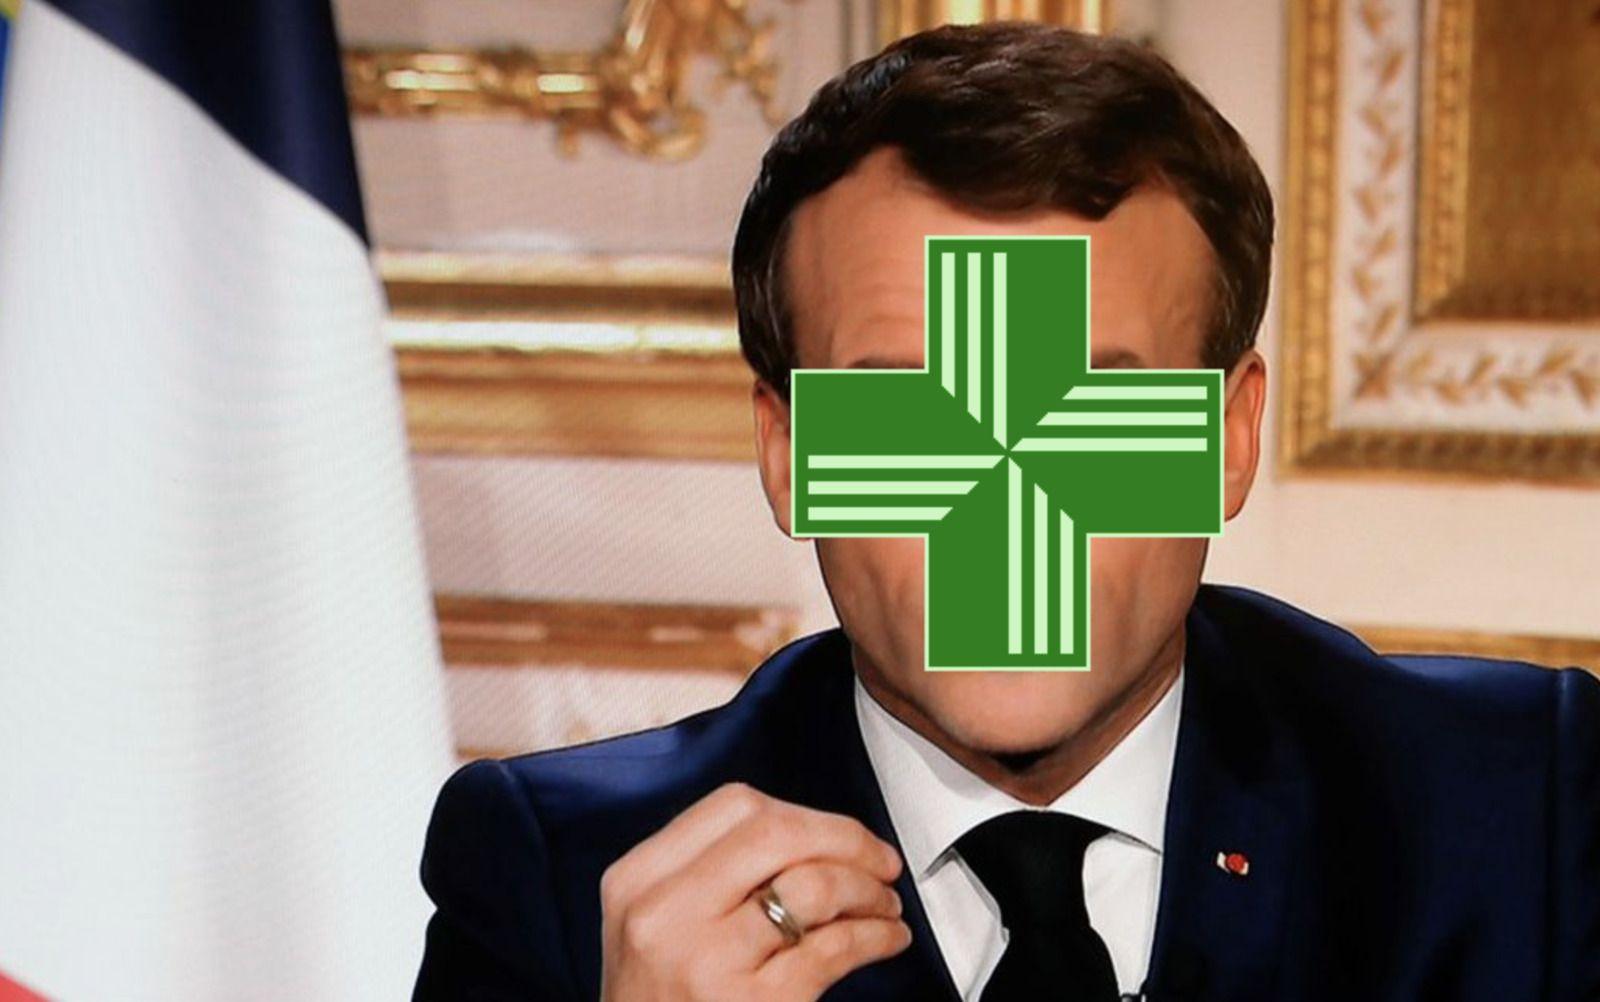 La politique n'est pas un acte médical